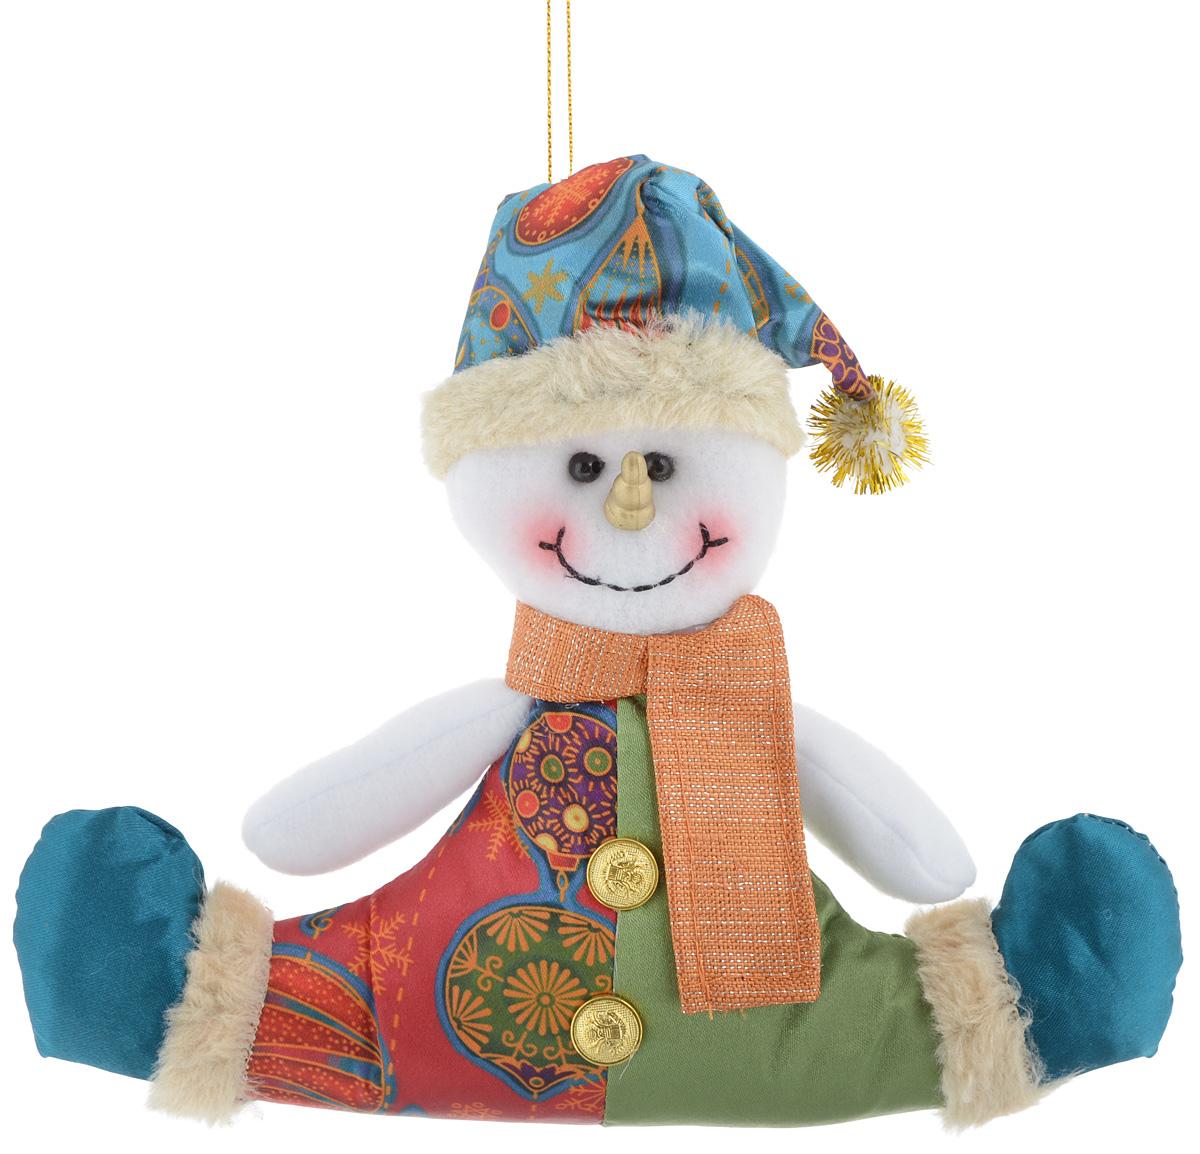 Украшение новогоднее подвесное Win Max Снеговик, 17 х 20,5 см175830Новогоднее подвесное украшение Win Max Снеговик, выполненное из синтепона и текстиля, прекрасно подойдет для праздничного декора дома. С помощью специальной петельки украшение можно подвесить в любом понравившемся вам месте. Новогодние украшения несут в себе волшебство и красоту праздника. Они помогут вам украсить дом к предстоящим праздникам и оживить интерьер по вашему вкусу. Создайте в доме атмосферу тепла, веселья и радости, украшая его всей семьей.